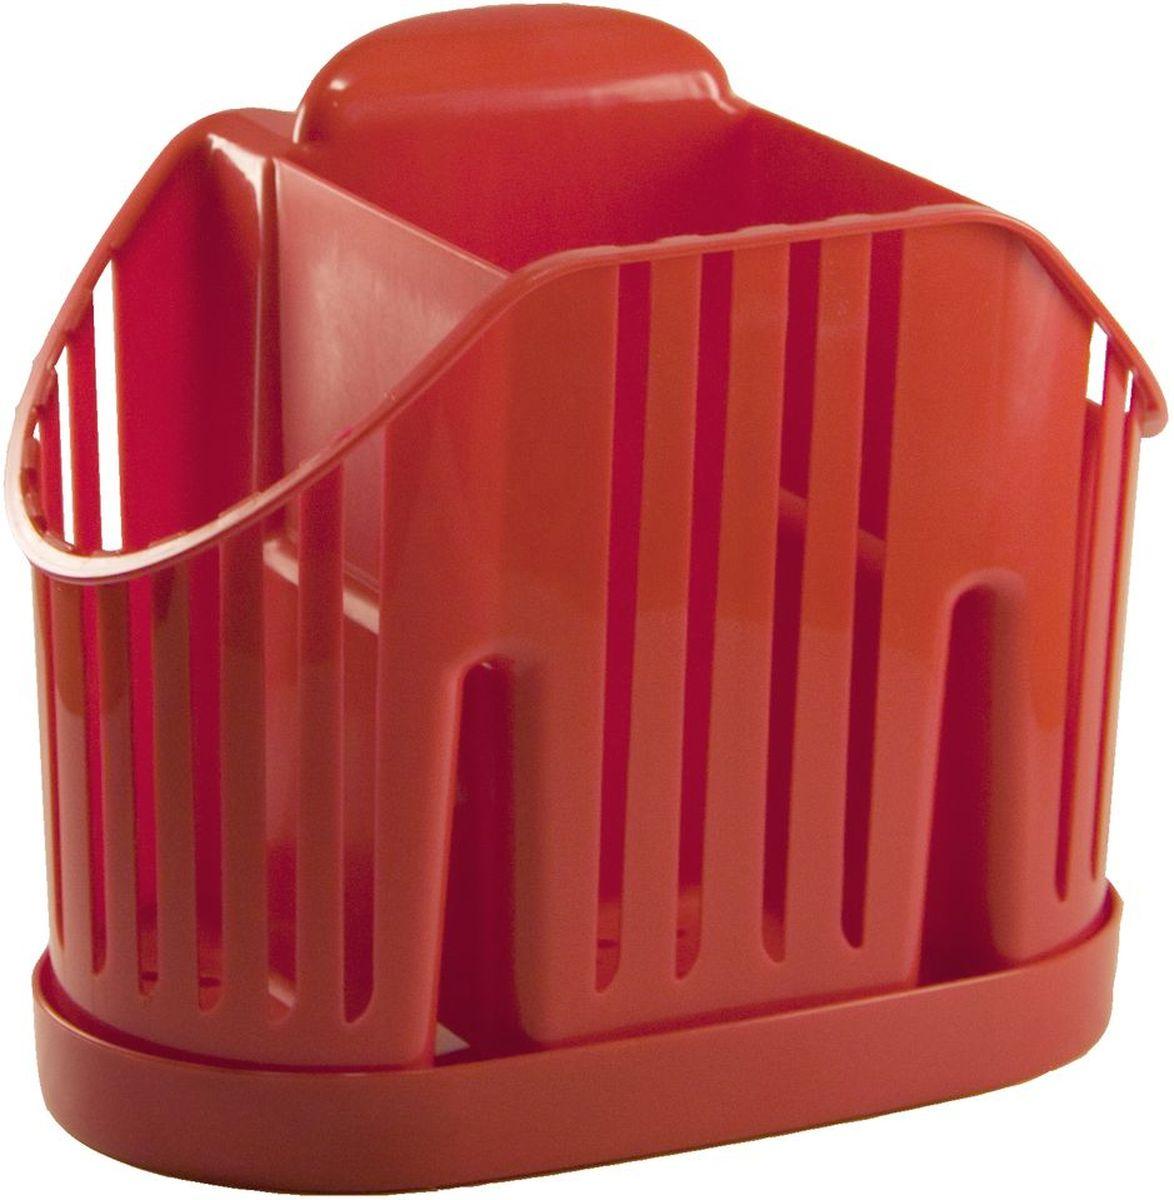 Сушилка для для столовых приборов Idea, 3 секции, цвет: красныйМ 1160